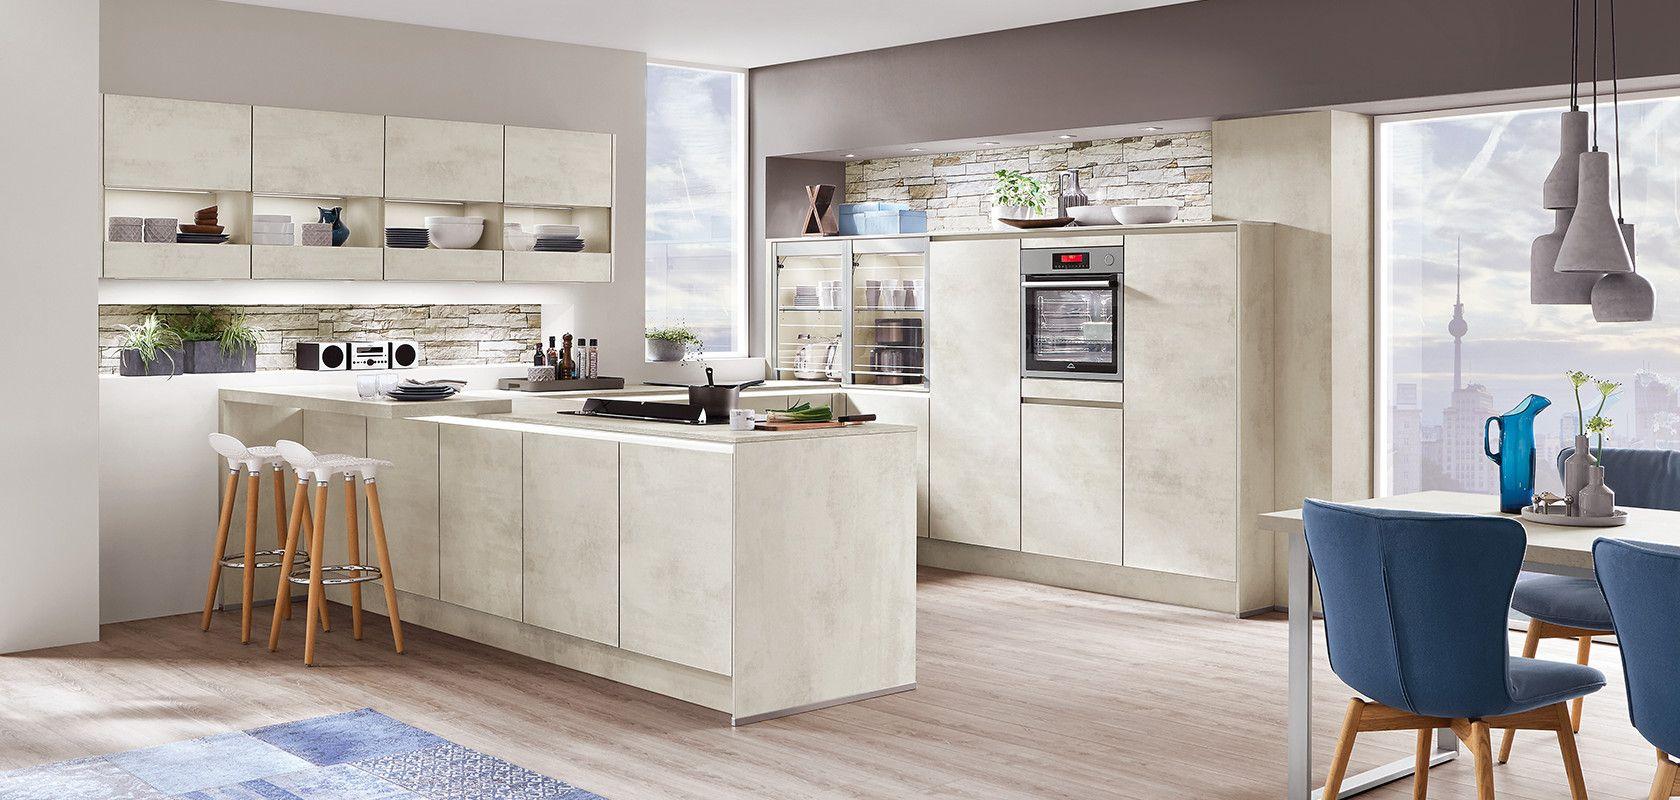 White Concrete Riva Nobilia Küchen   Spüllappen Spruch Küche Lustig